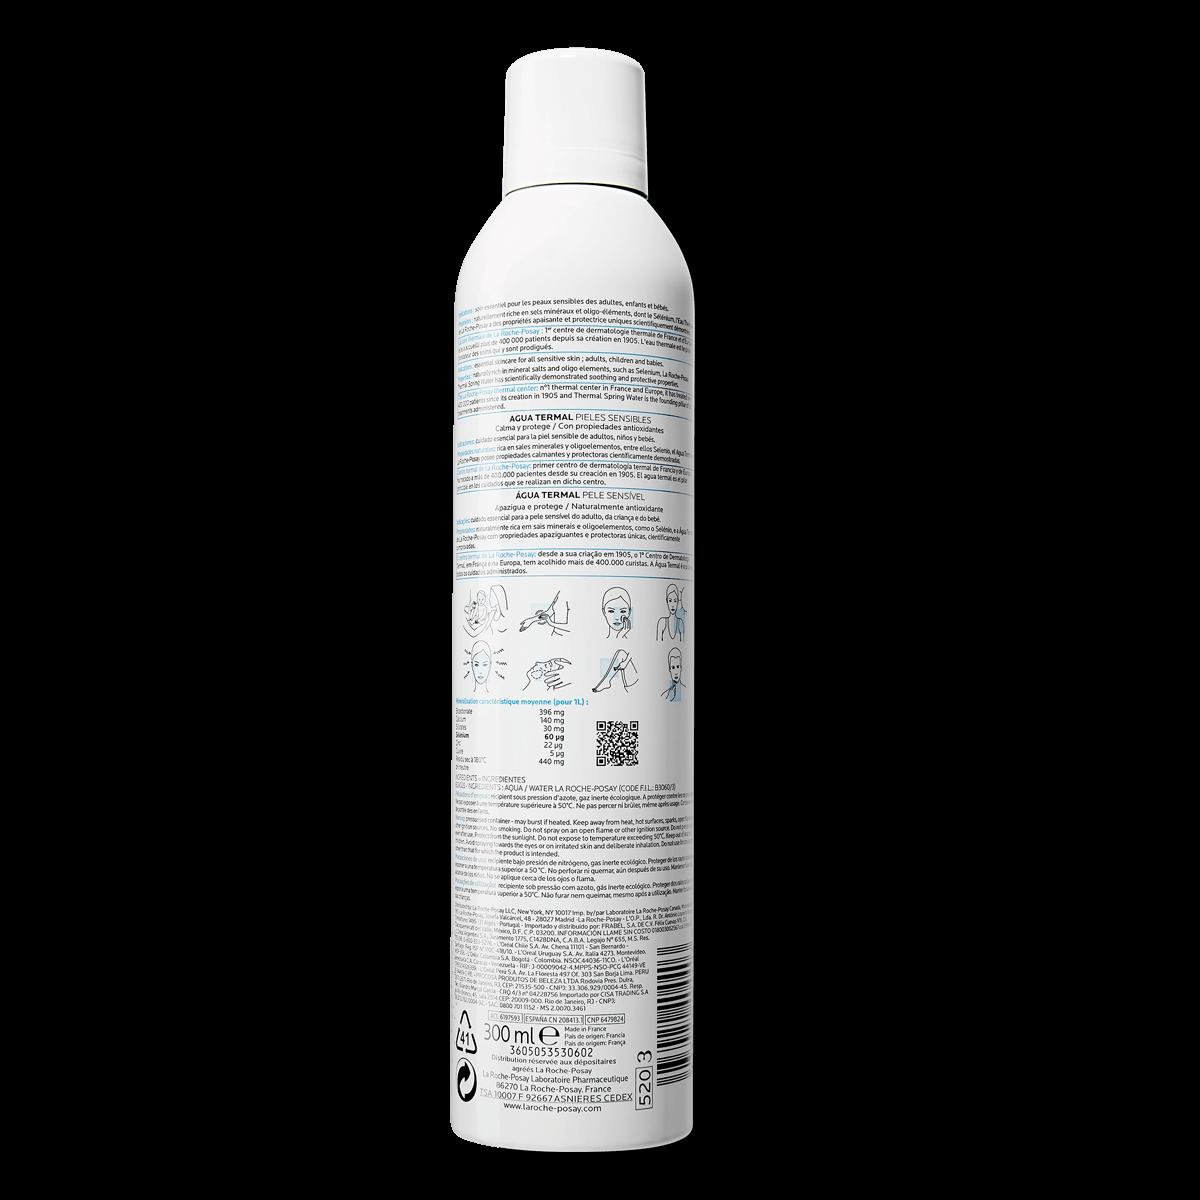 La Roche Posay StránkaProduktu Termální voda 300ml 3433422404403